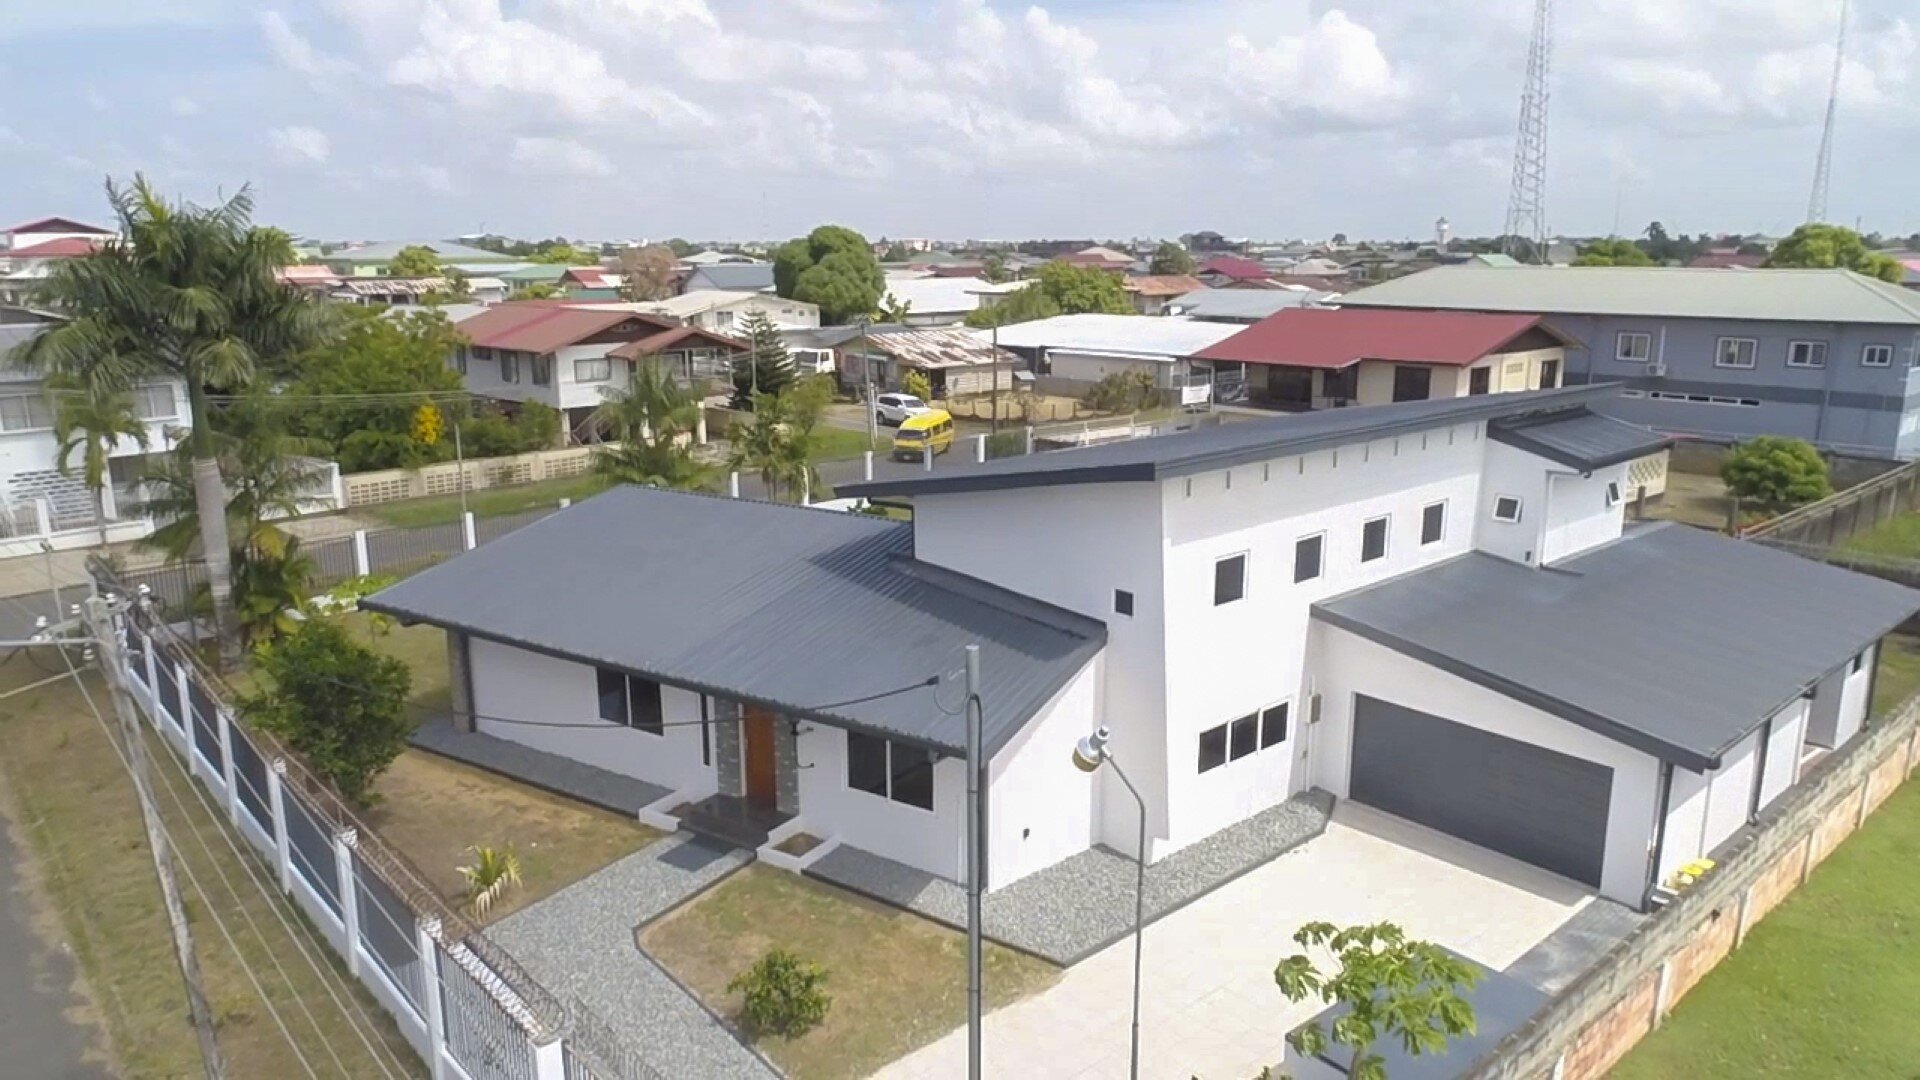 Moengolaan hk Roraclaan - Tijdloos onder architectuur gebouwde woning uit de jaren 50, modern en voorzien van alle gemakken. - Surgoed Makelaardij NV - Paramaribo, Suriname